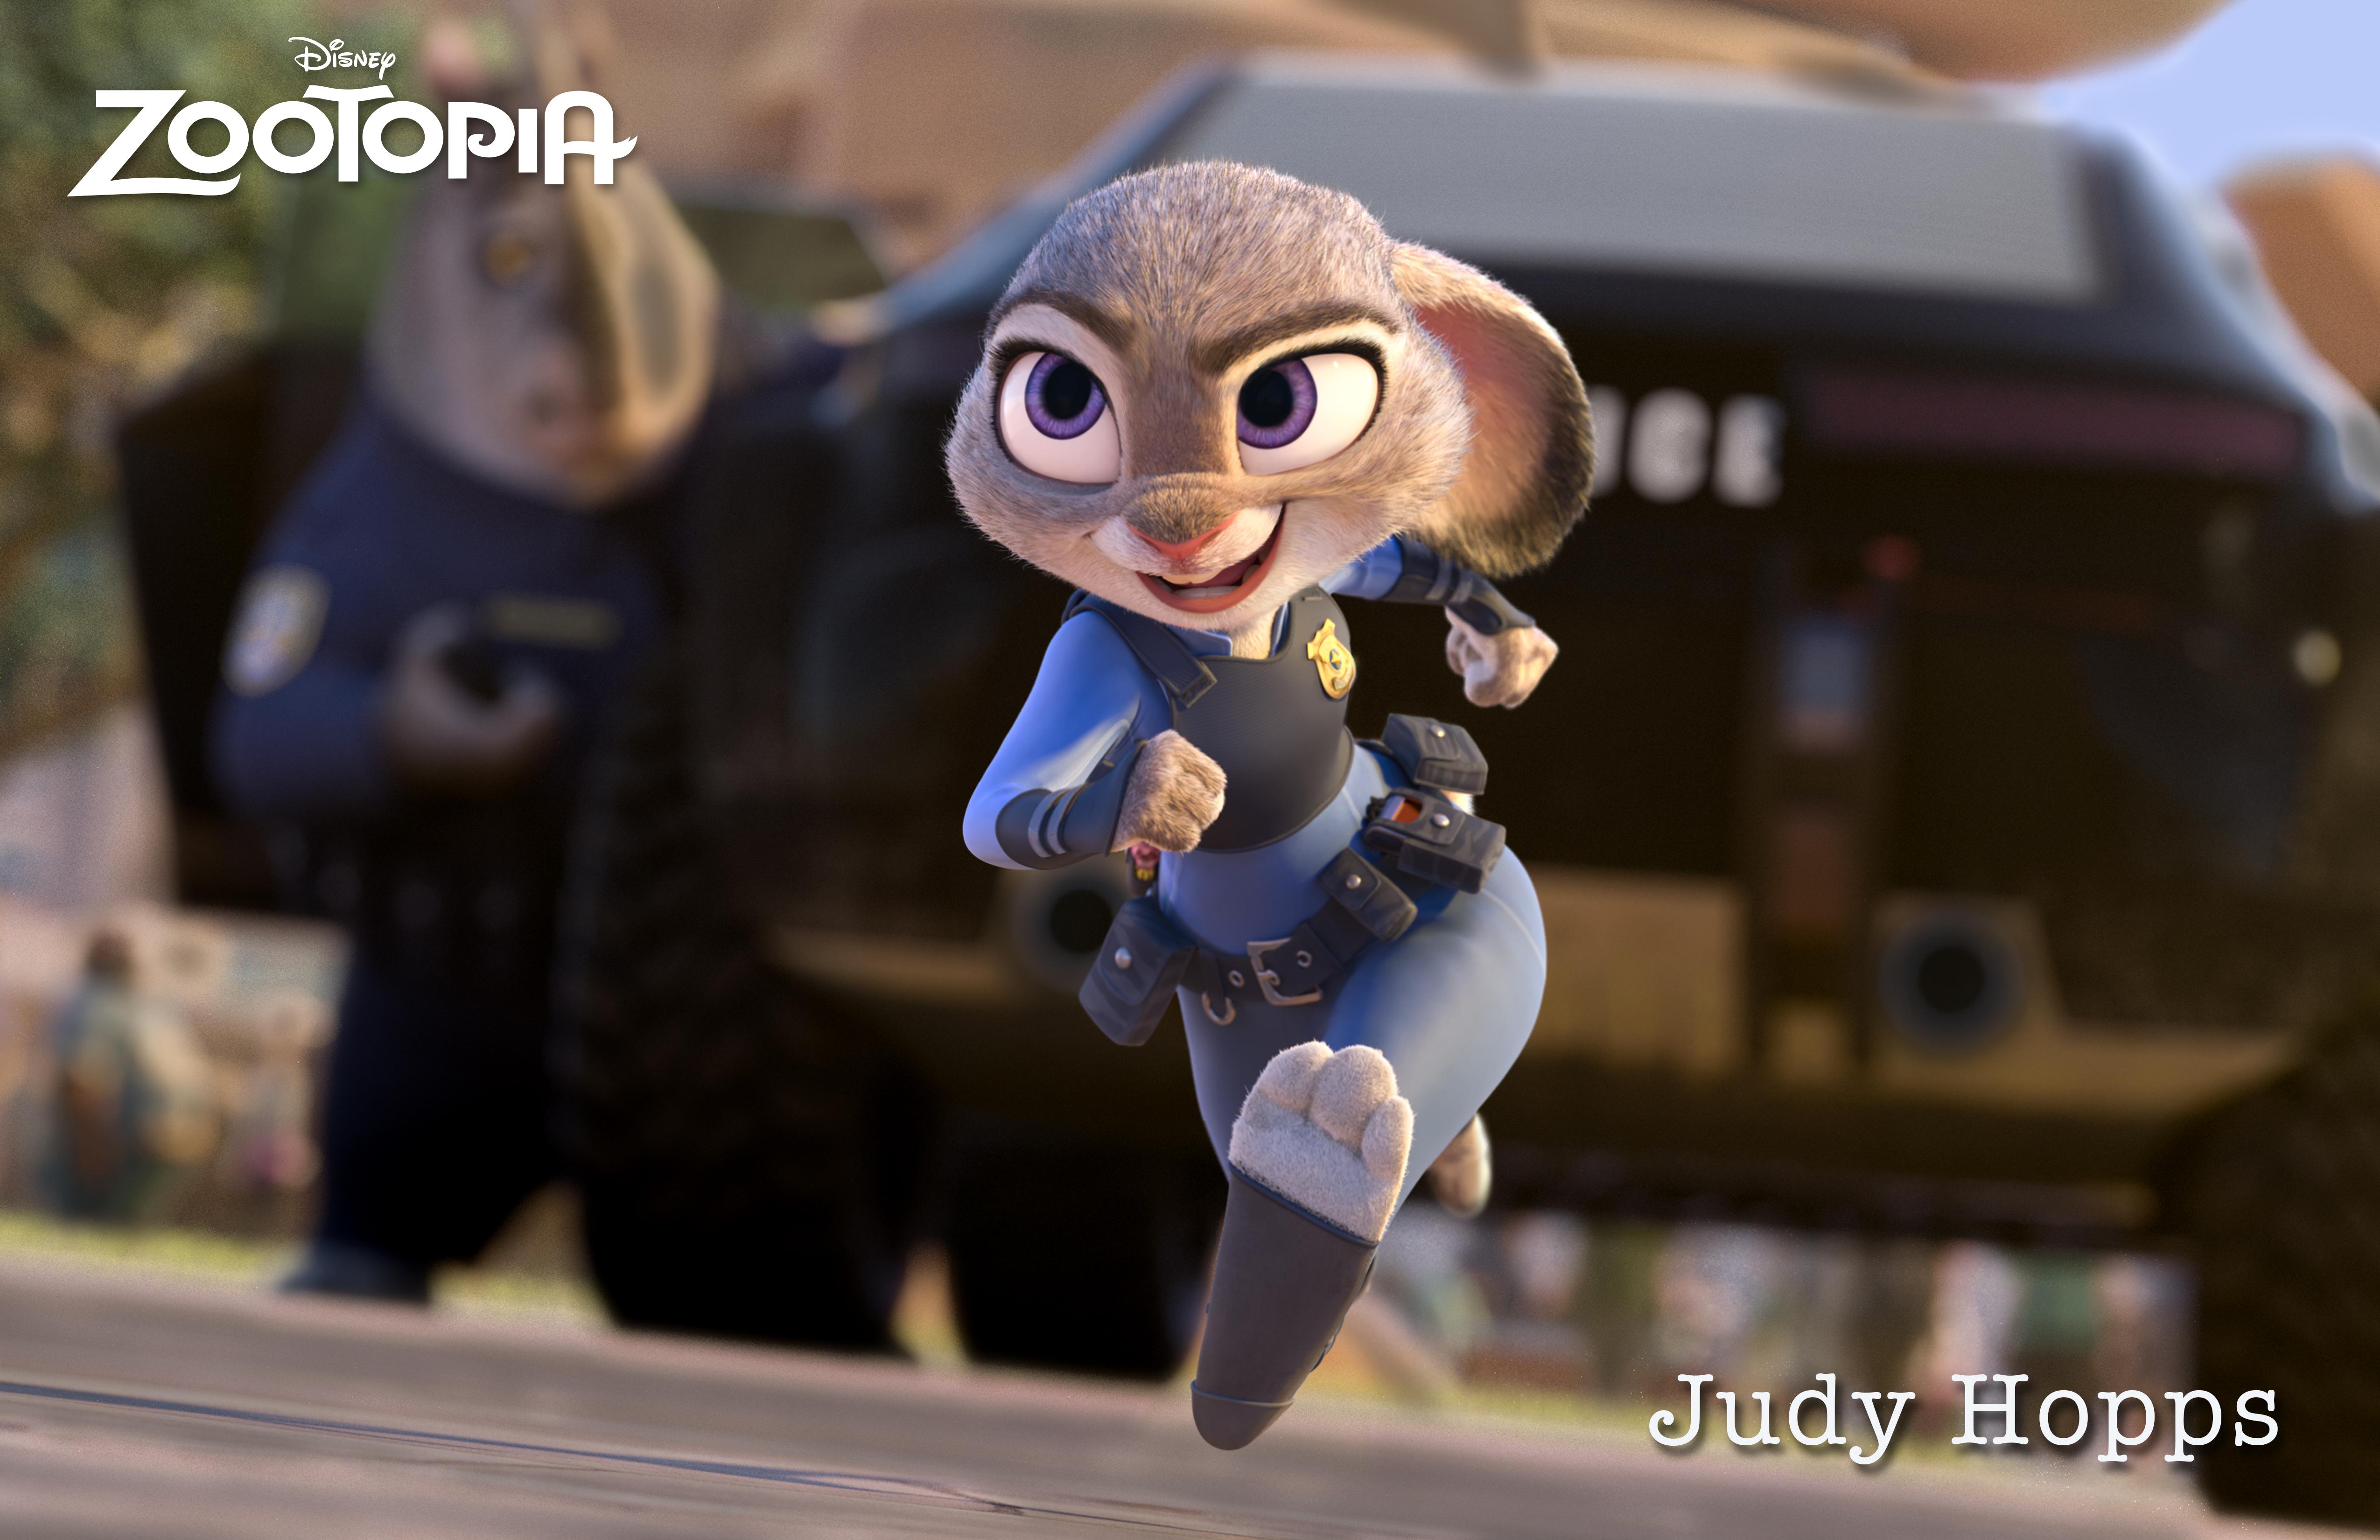 Zootopia-judy-hopps by sgtjack2016